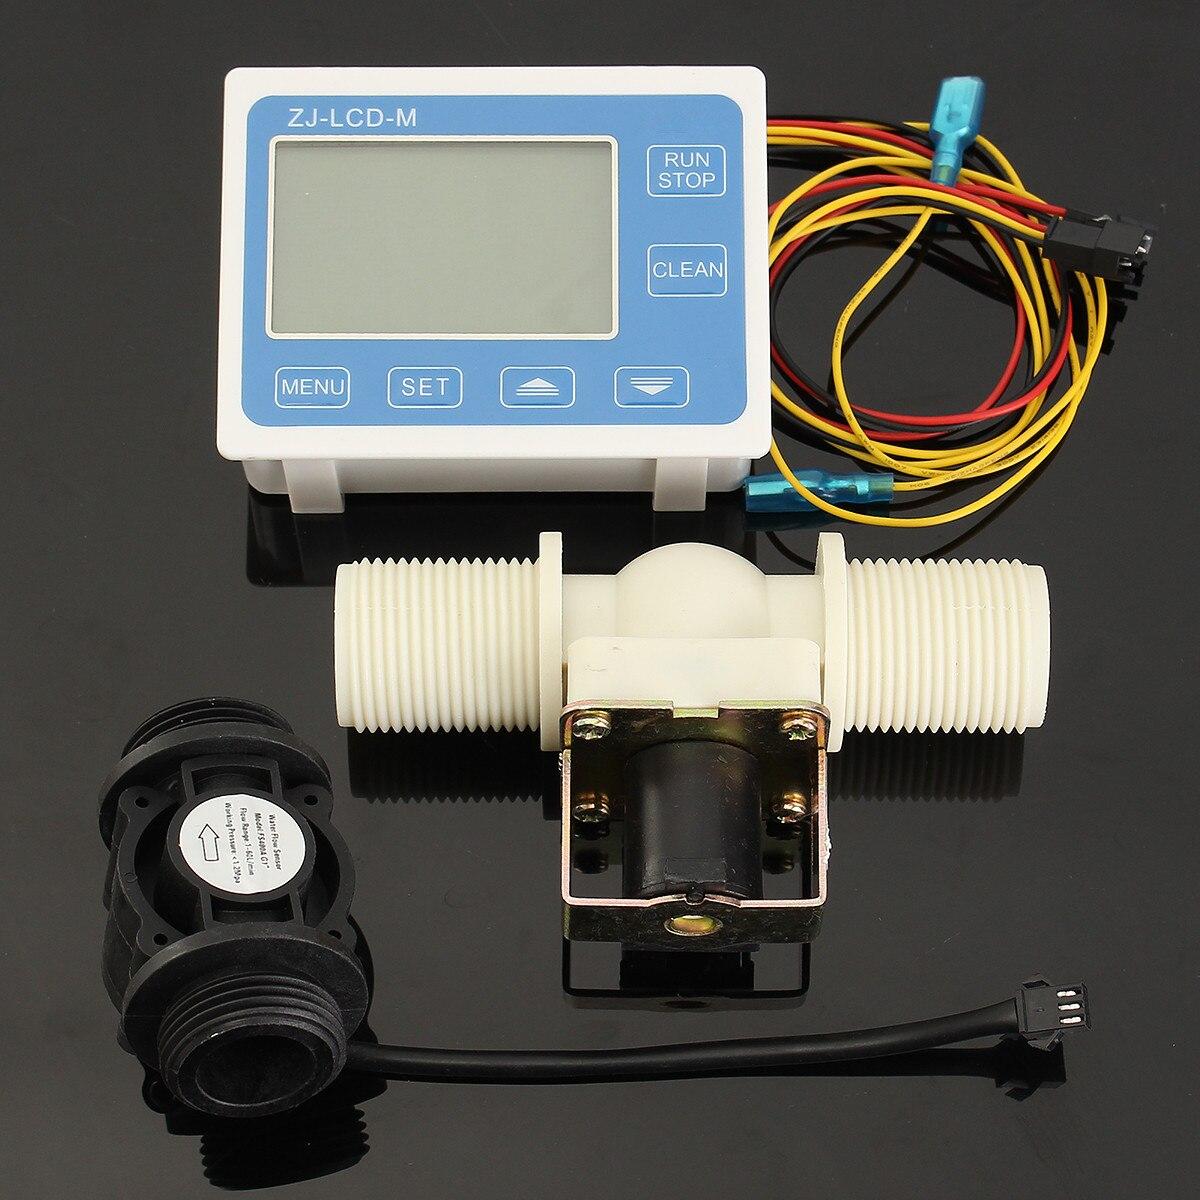 G3/4'' Water Flow Control Sensor Meter Solenoid Valve Gauge LCD Digital Display g1 2 water flow control lcd display flow sensor meter solenoid valve gauge new